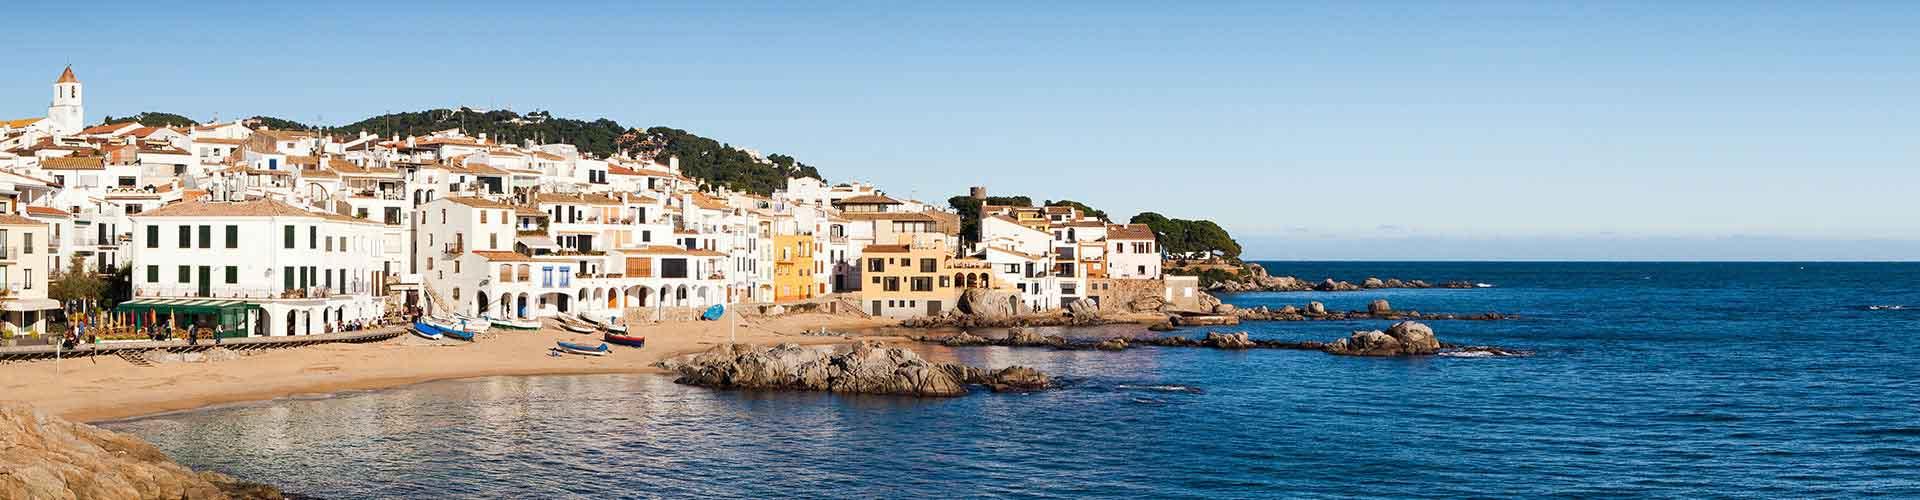 Calella - Hoteles baratos en Calella. Mapas de Calella, Fotos y comentarios de cada Hotel en Calella.